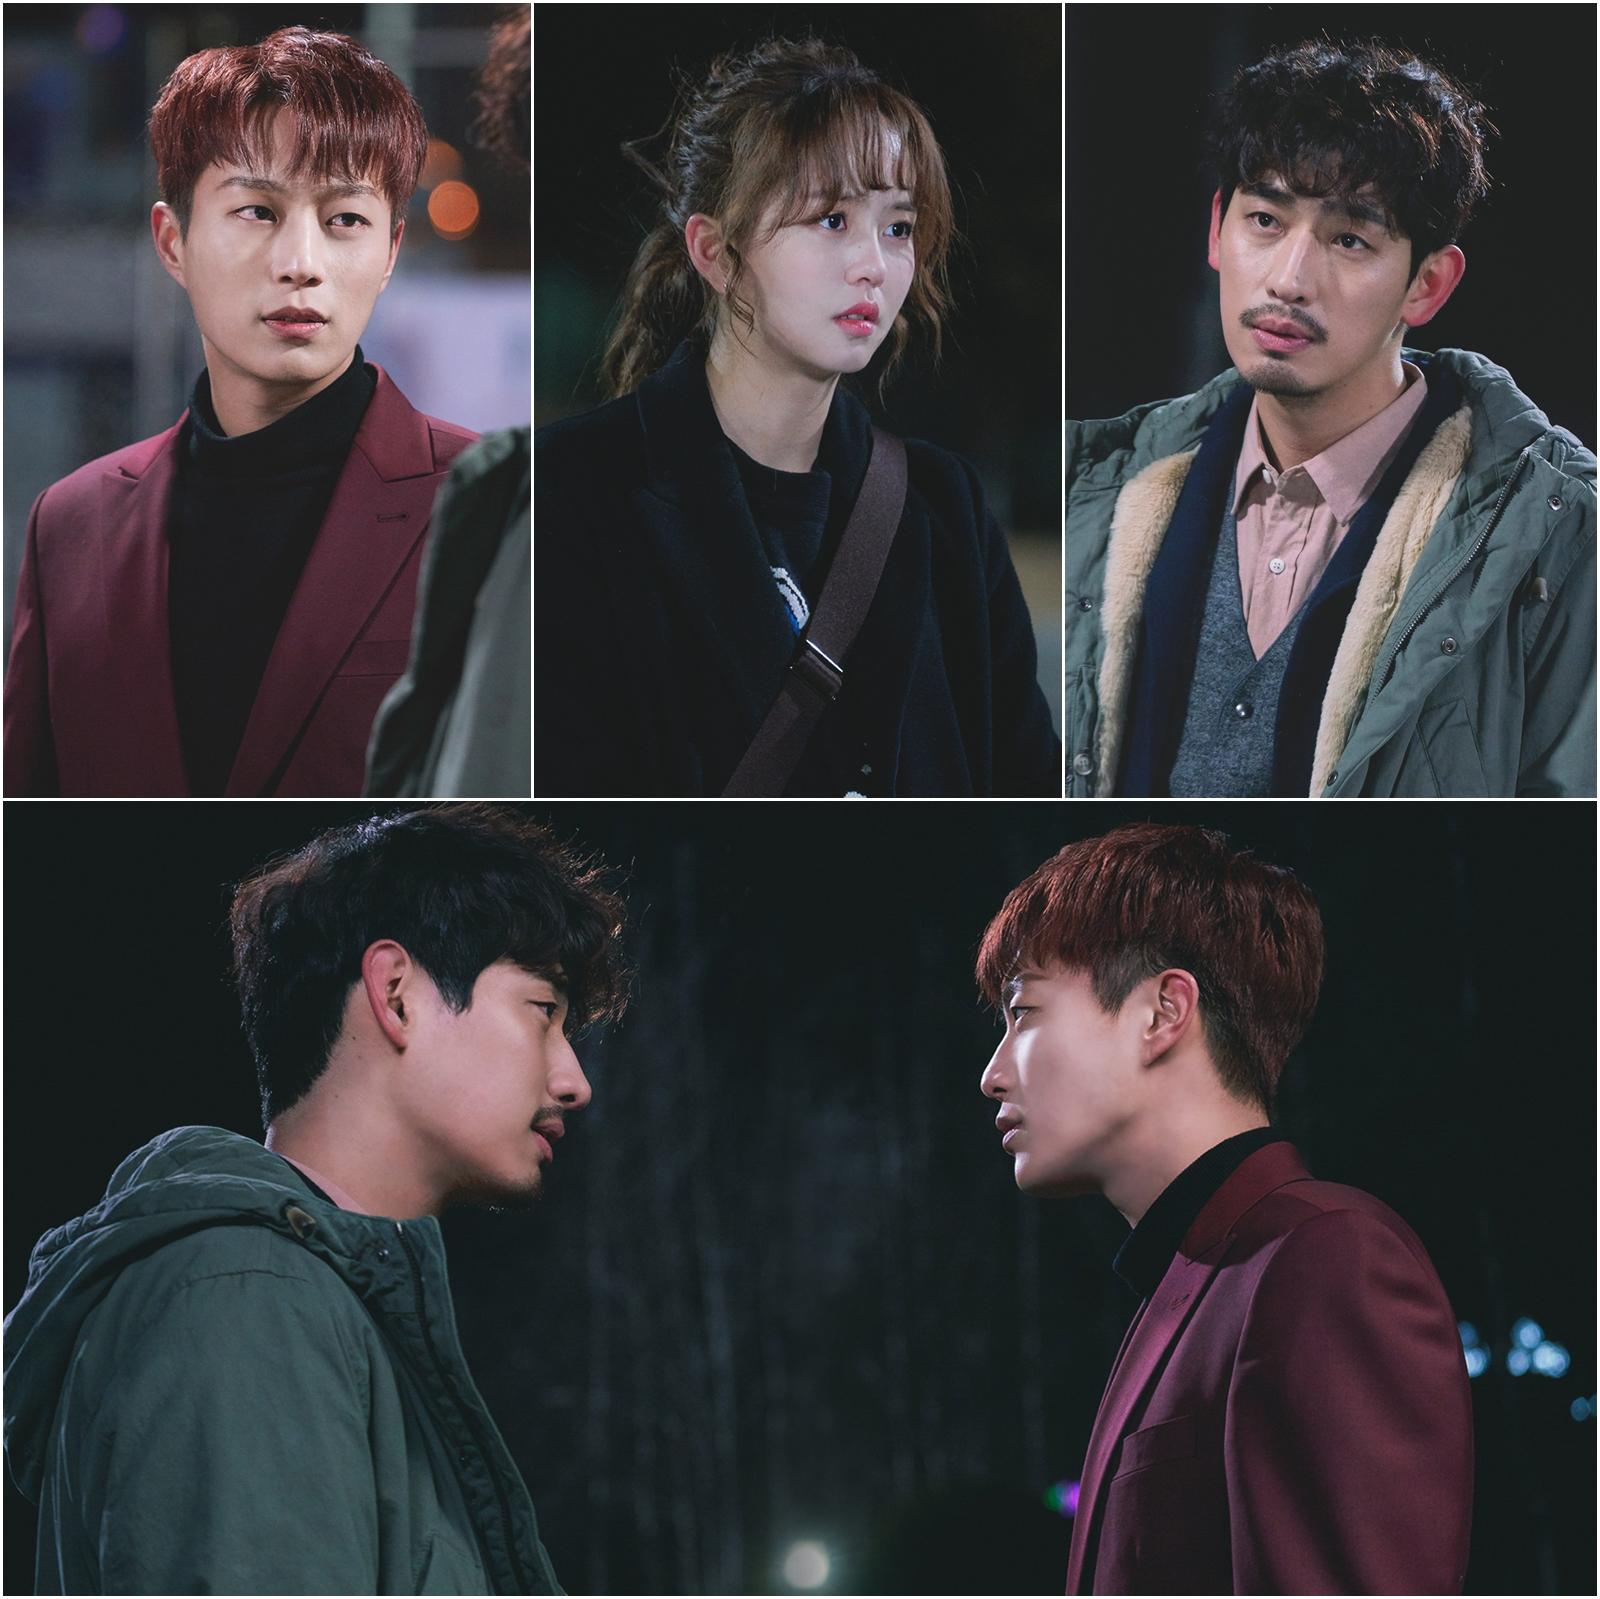 '라디오 로맨스' 윤두준+김소현+윤박, 쌩방 전쟁의 시작...'망나니 PD의 역습 시작되나?'